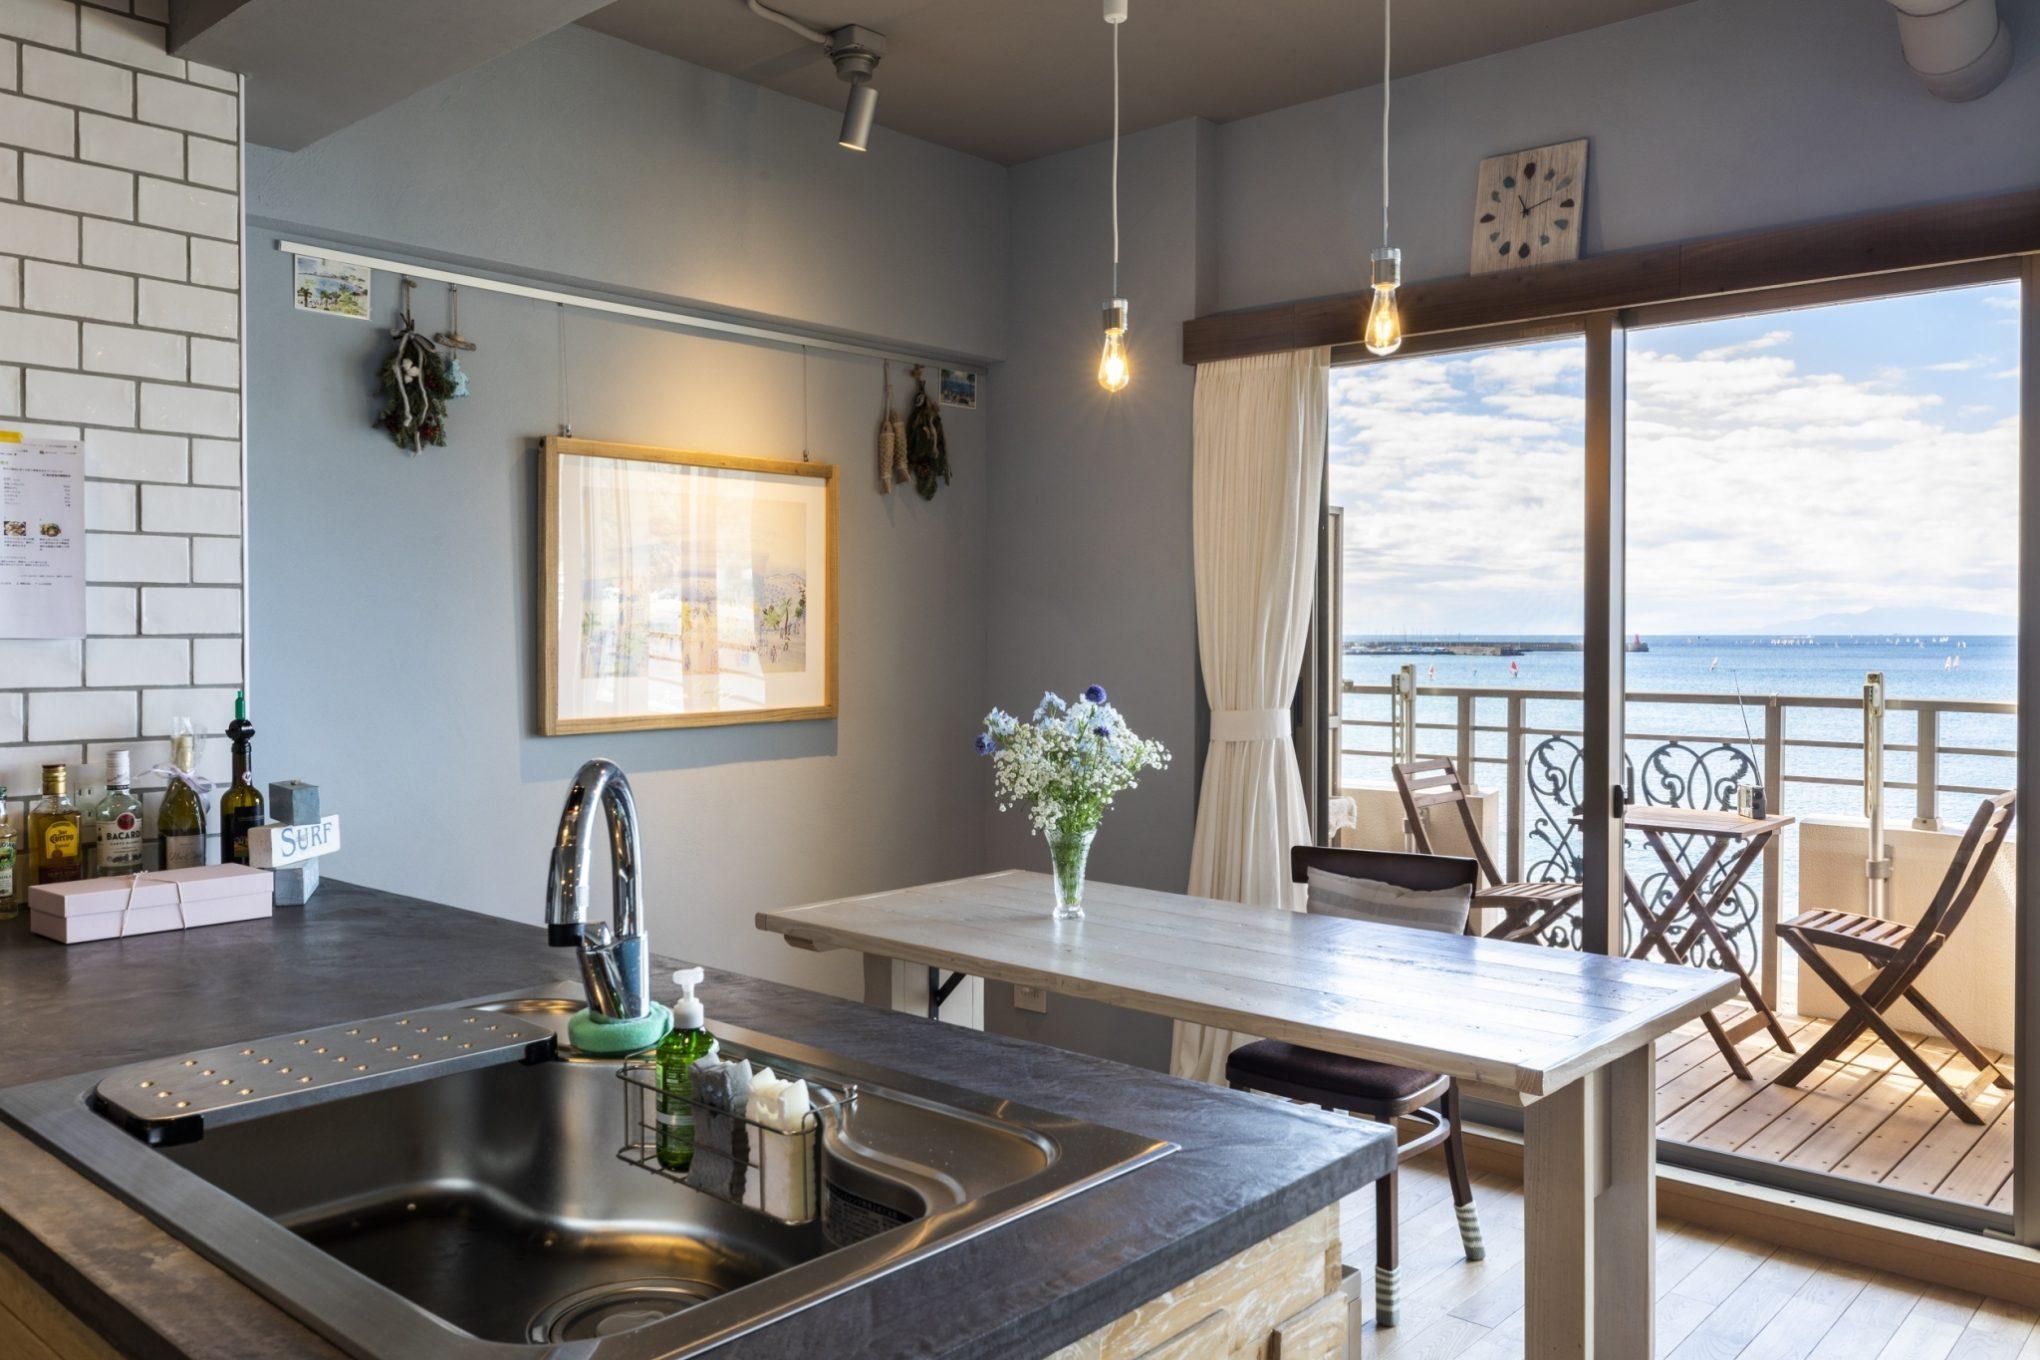 おしゃれな造作キッチンから見た海が見える部屋